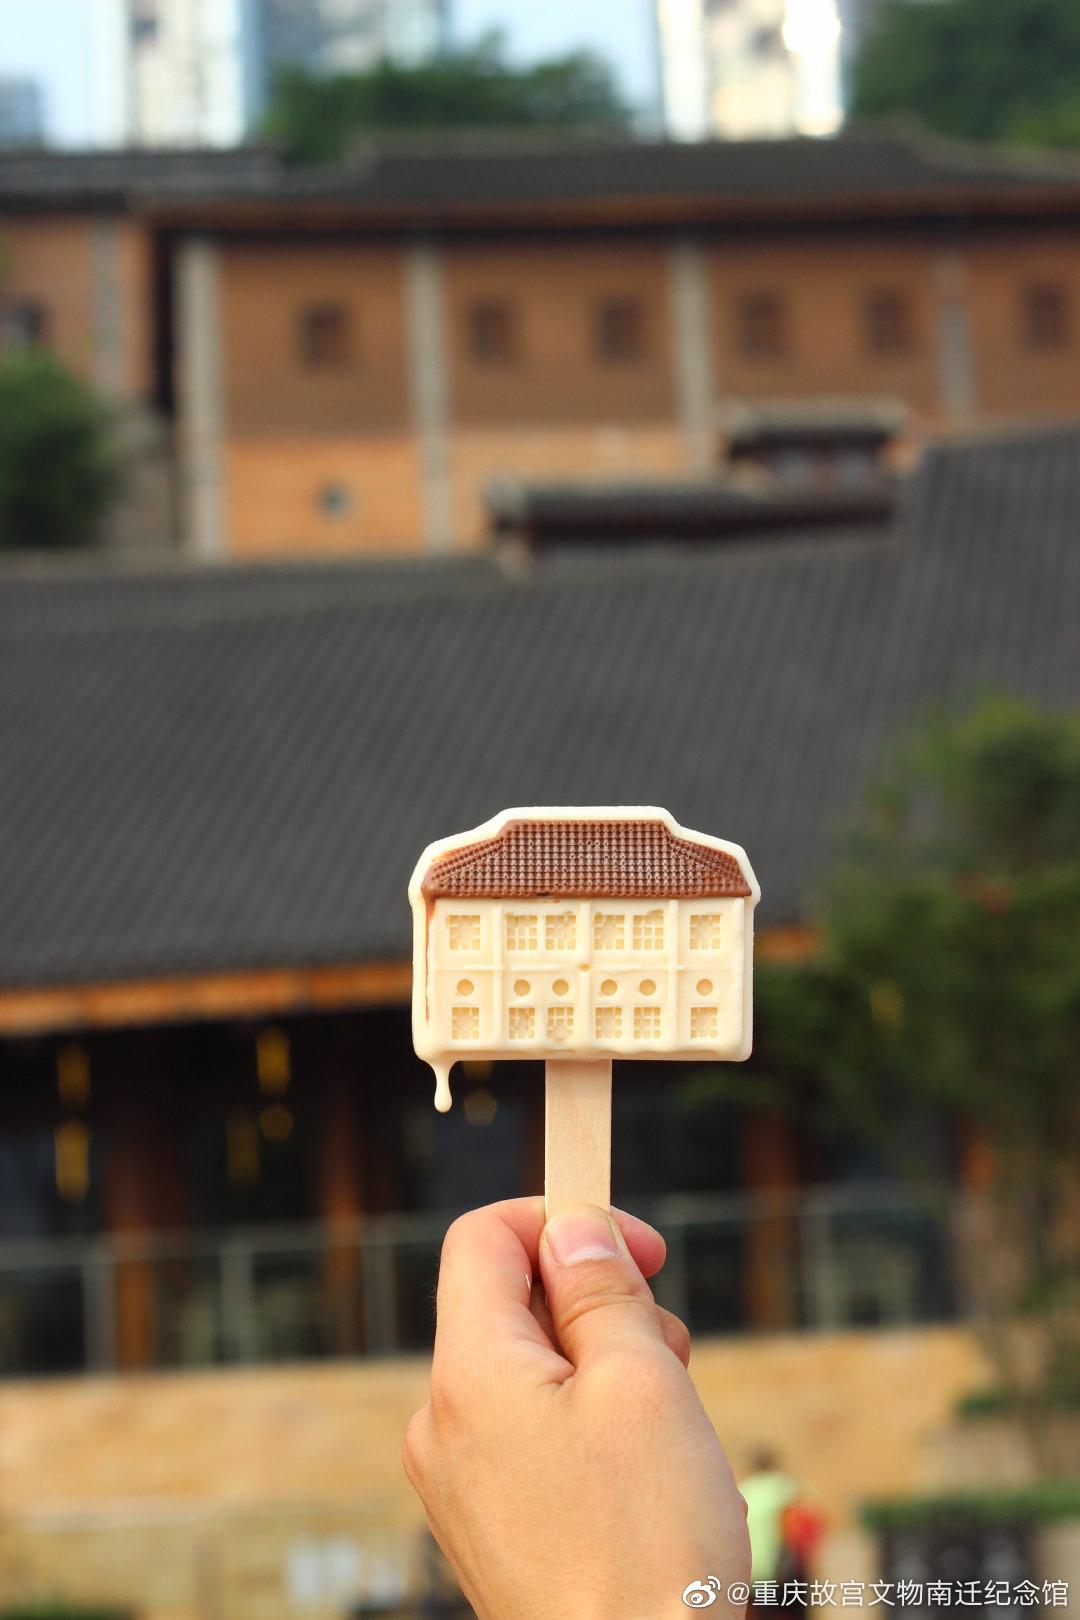 重庆文创雪糕现状:网红景区出品都很低调,解放碑同款迅速下架